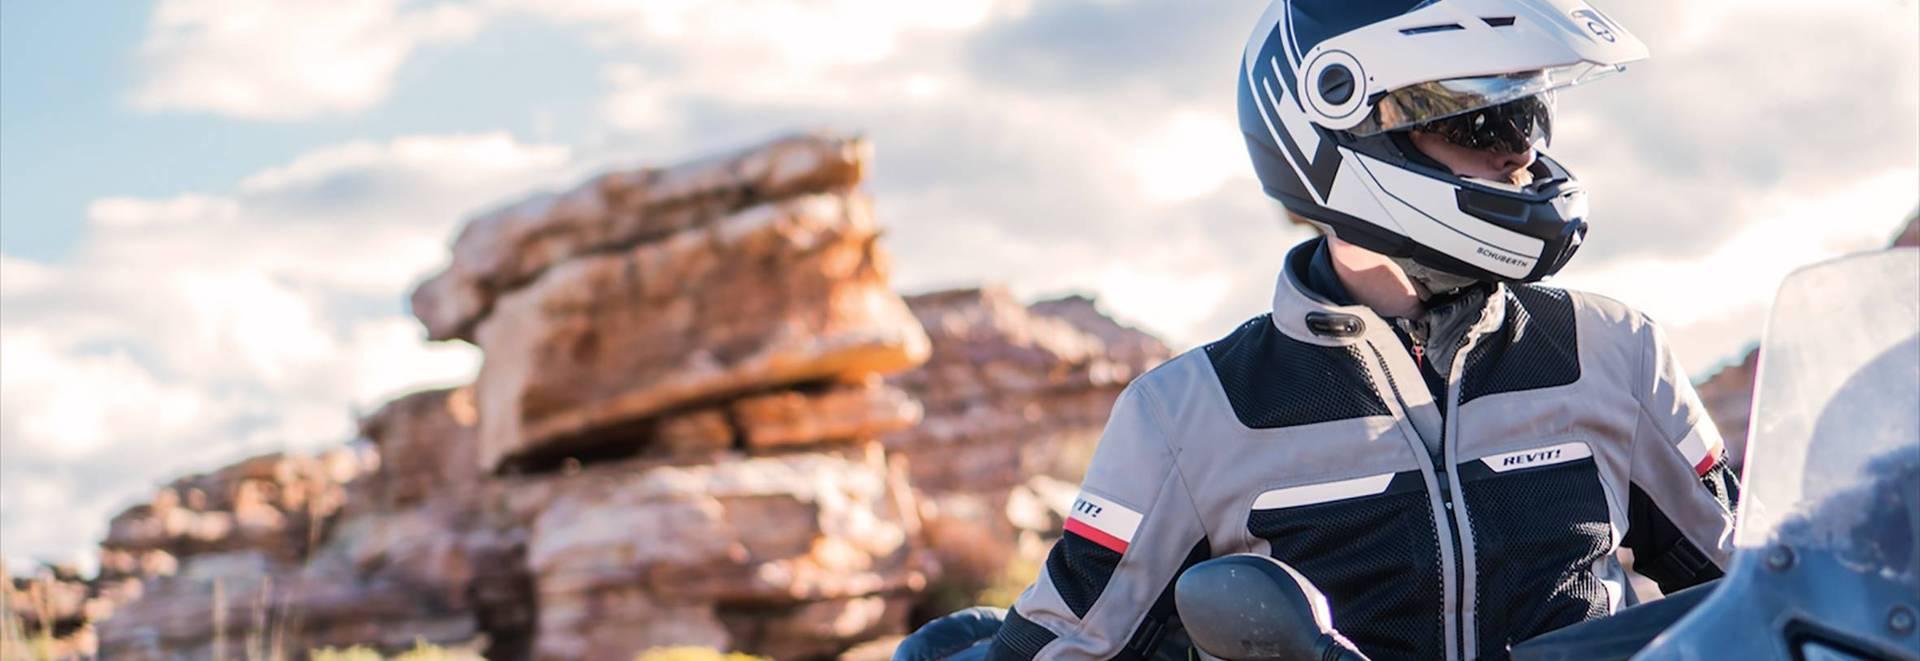 casco Shuberth alquiler moto Ibiza